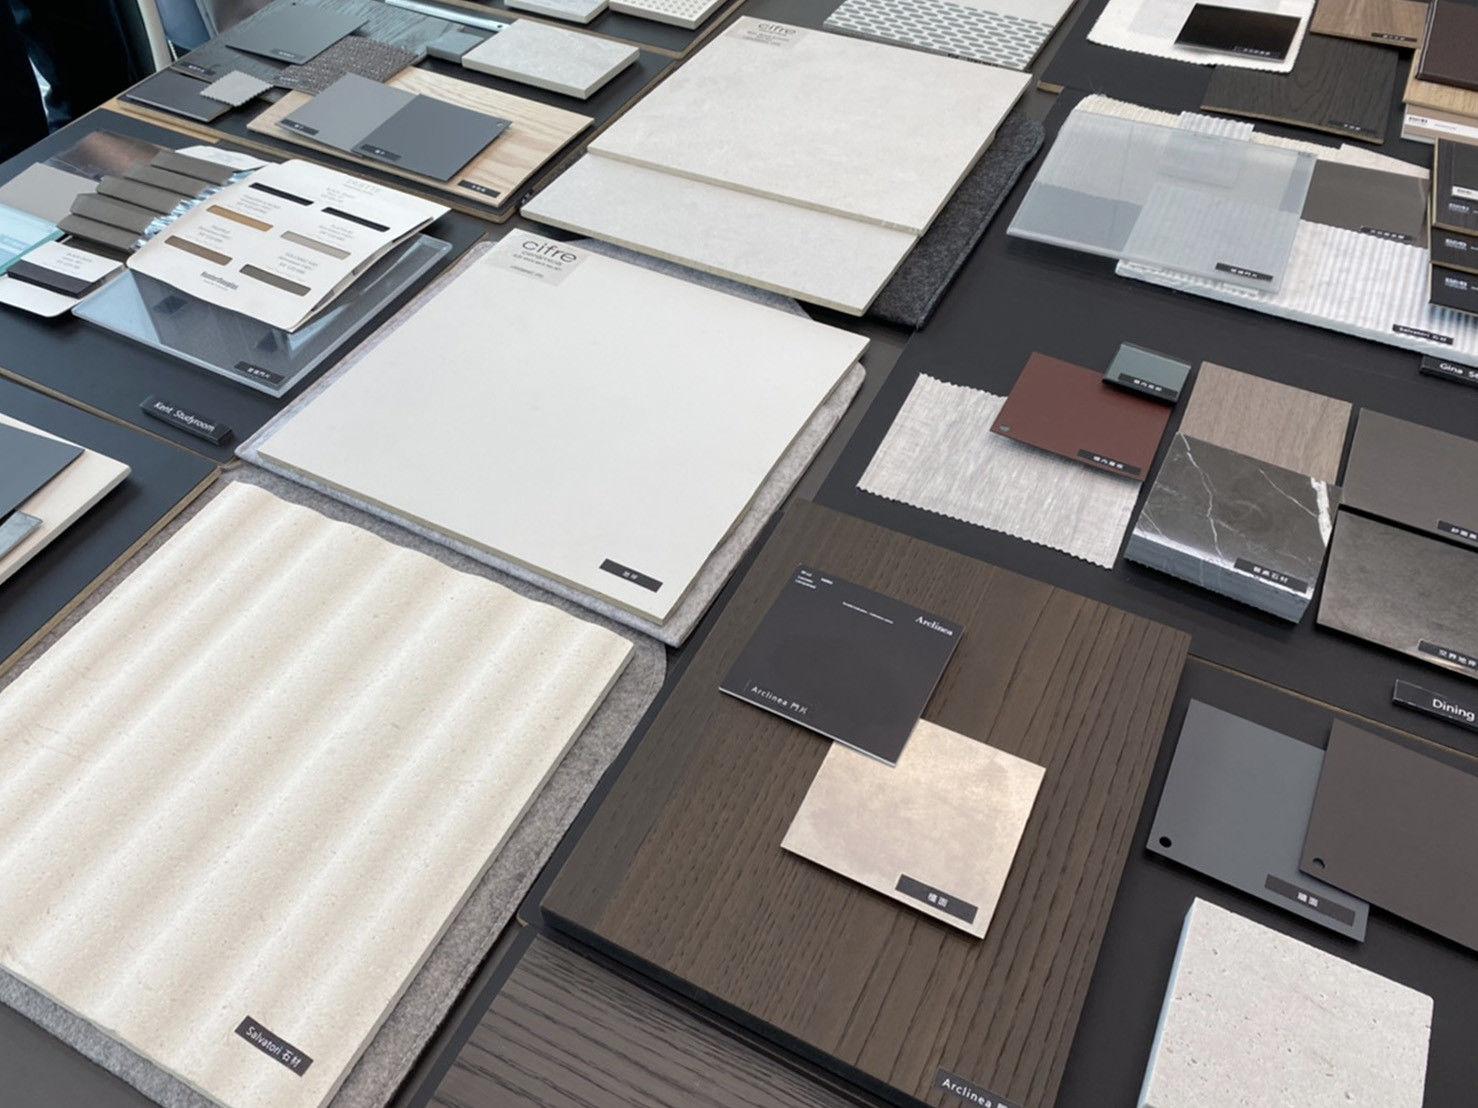 台中室內設計師-室內裝修建材-分子室內裝修設計 現代簡約風格